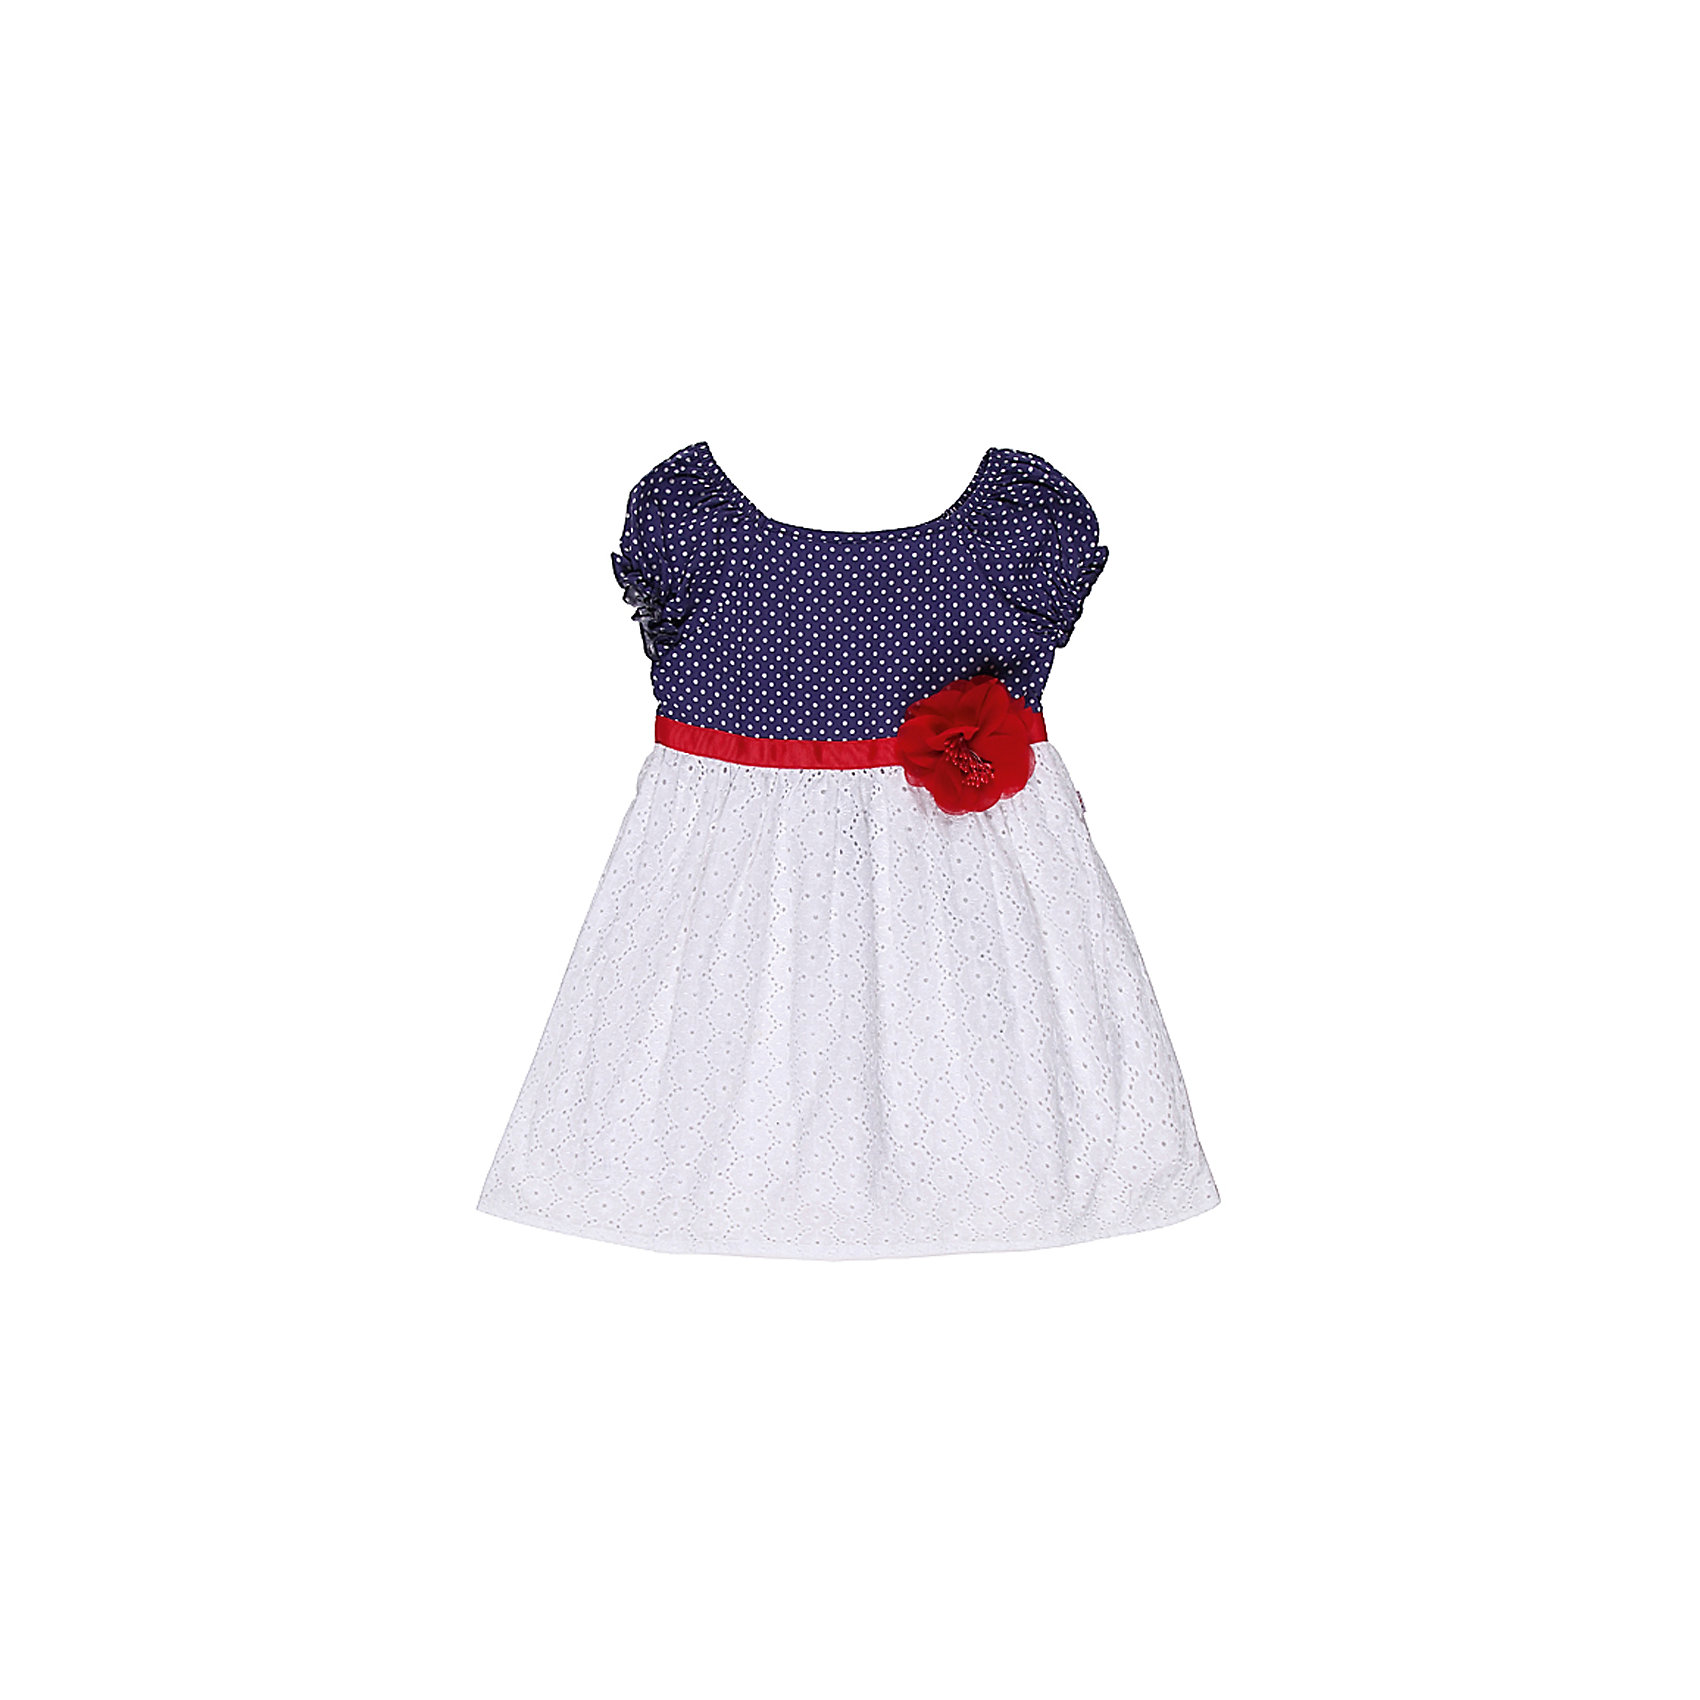 Платье для девочки Sweet BerryПлатья<br>Летнее платье на девочку, выполнено из двух видов ткани, верх - принтованный в горох трикотаж, низ - хлопковое шитье, платье украшено поясом из репсовой ленты и шифоновым цветком.<br>Состав:<br>100% хлопок<br><br>Ширина мм: 236<br>Глубина мм: 16<br>Высота мм: 184<br>Вес г: 177<br>Цвет: синий/белый<br>Возраст от месяцев: 12<br>Возраст до месяцев: 18<br>Пол: Женский<br>Возраст: Детский<br>Размер: 80,98,92,86<br>SKU: 4520303